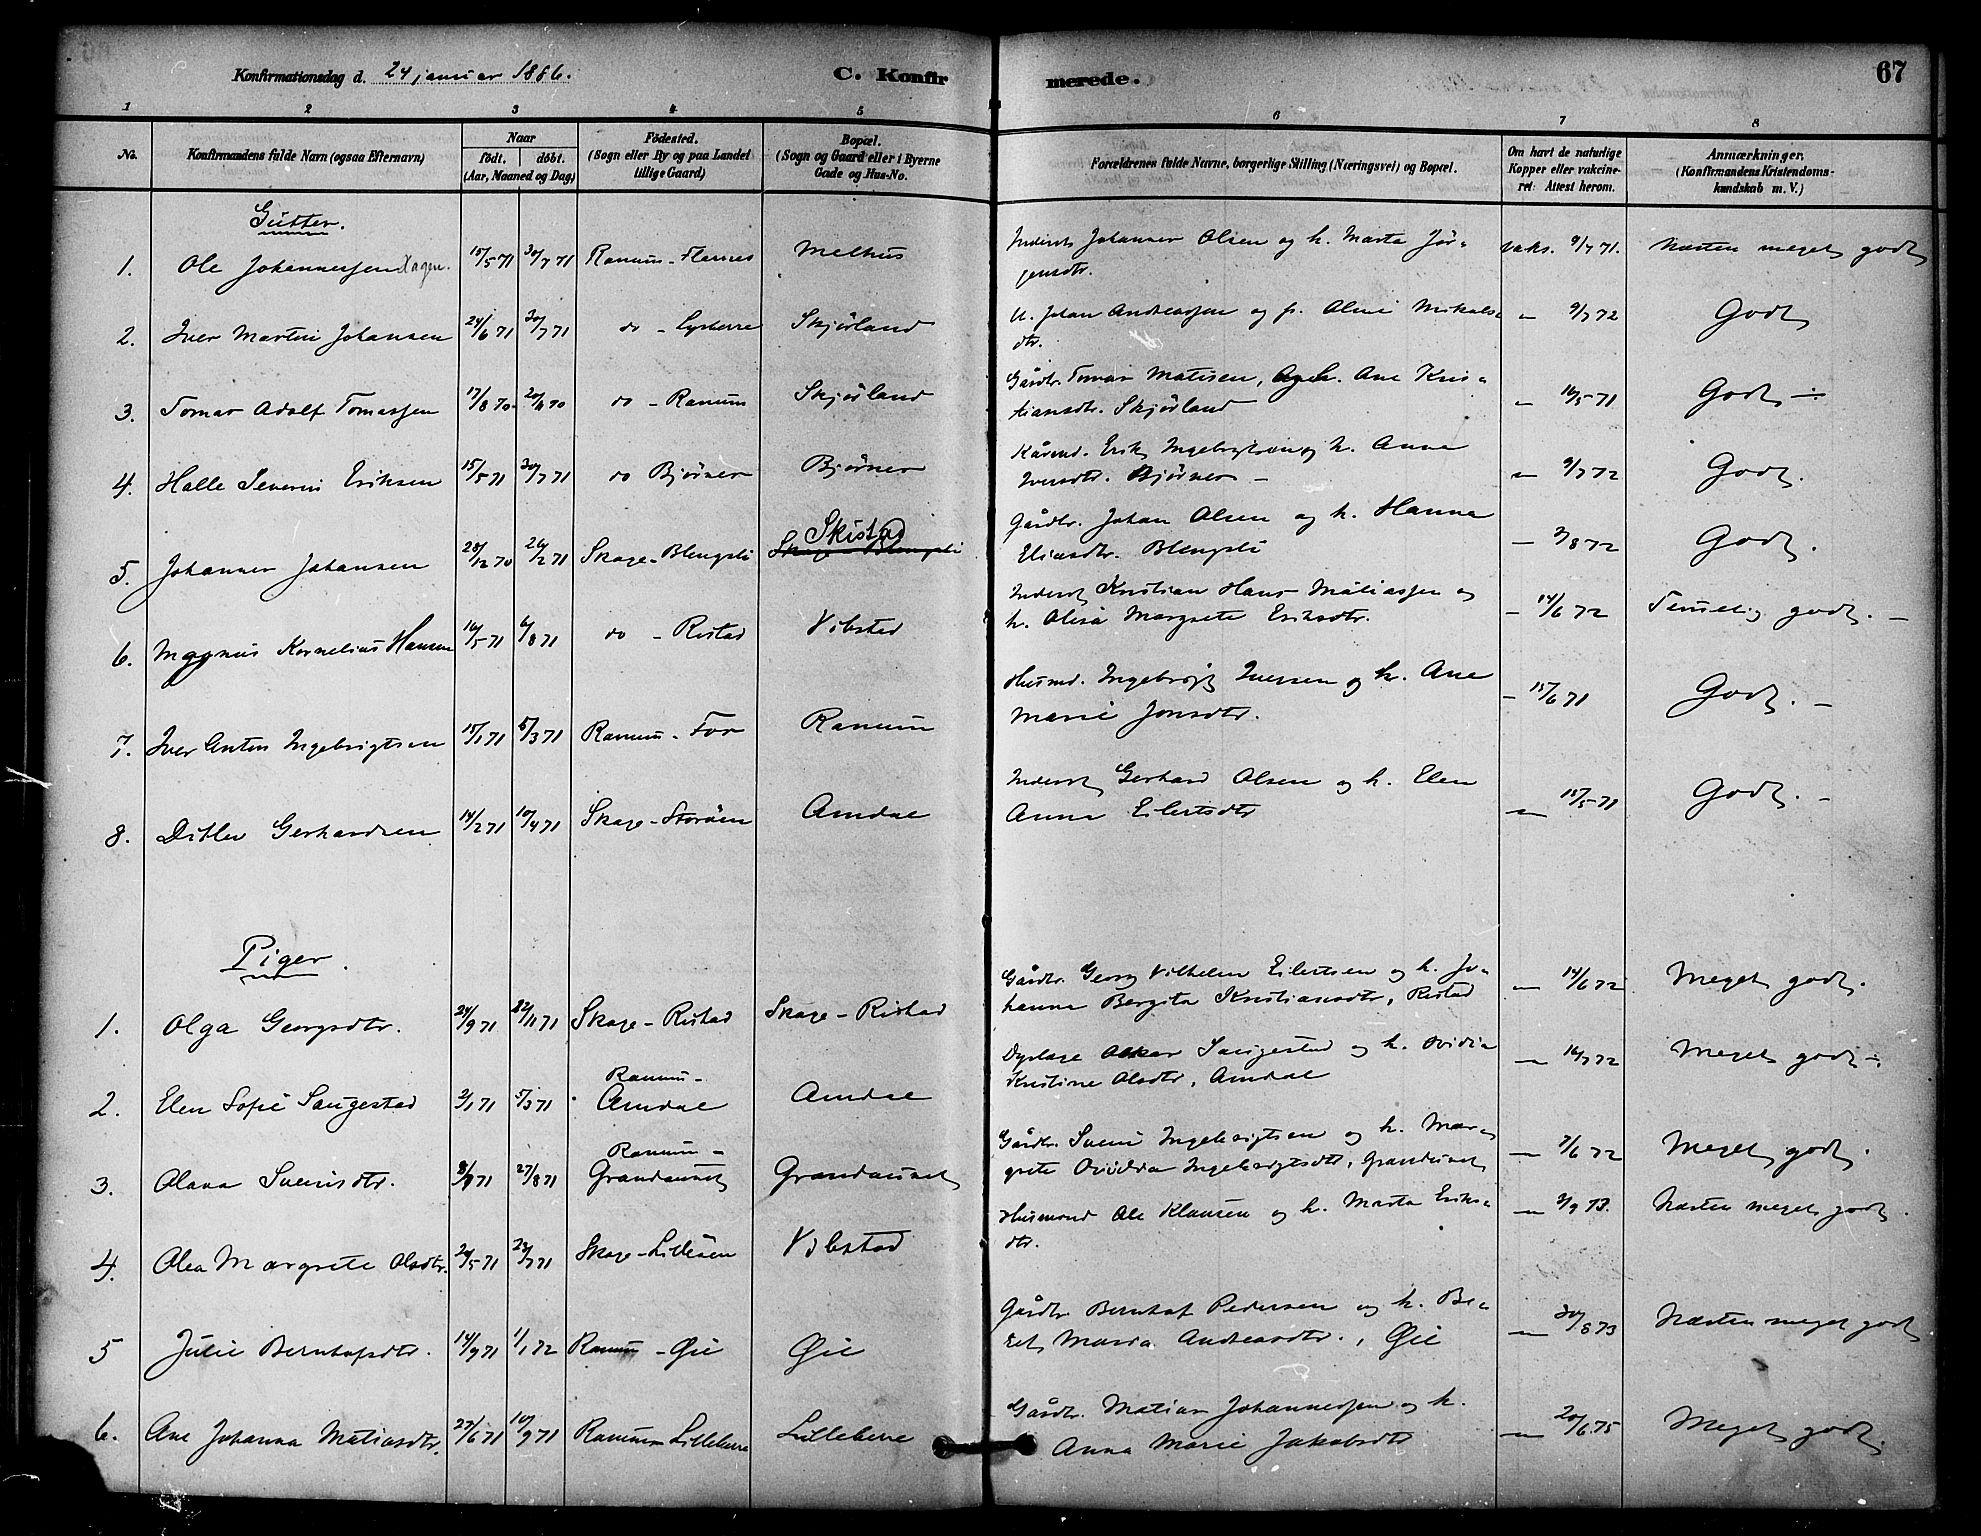 SAT, Ministerialprotokoller, klokkerbøker og fødselsregistre - Nord-Trøndelag, 764/L0555: Ministerialbok nr. 764A10, 1881-1896, s. 67